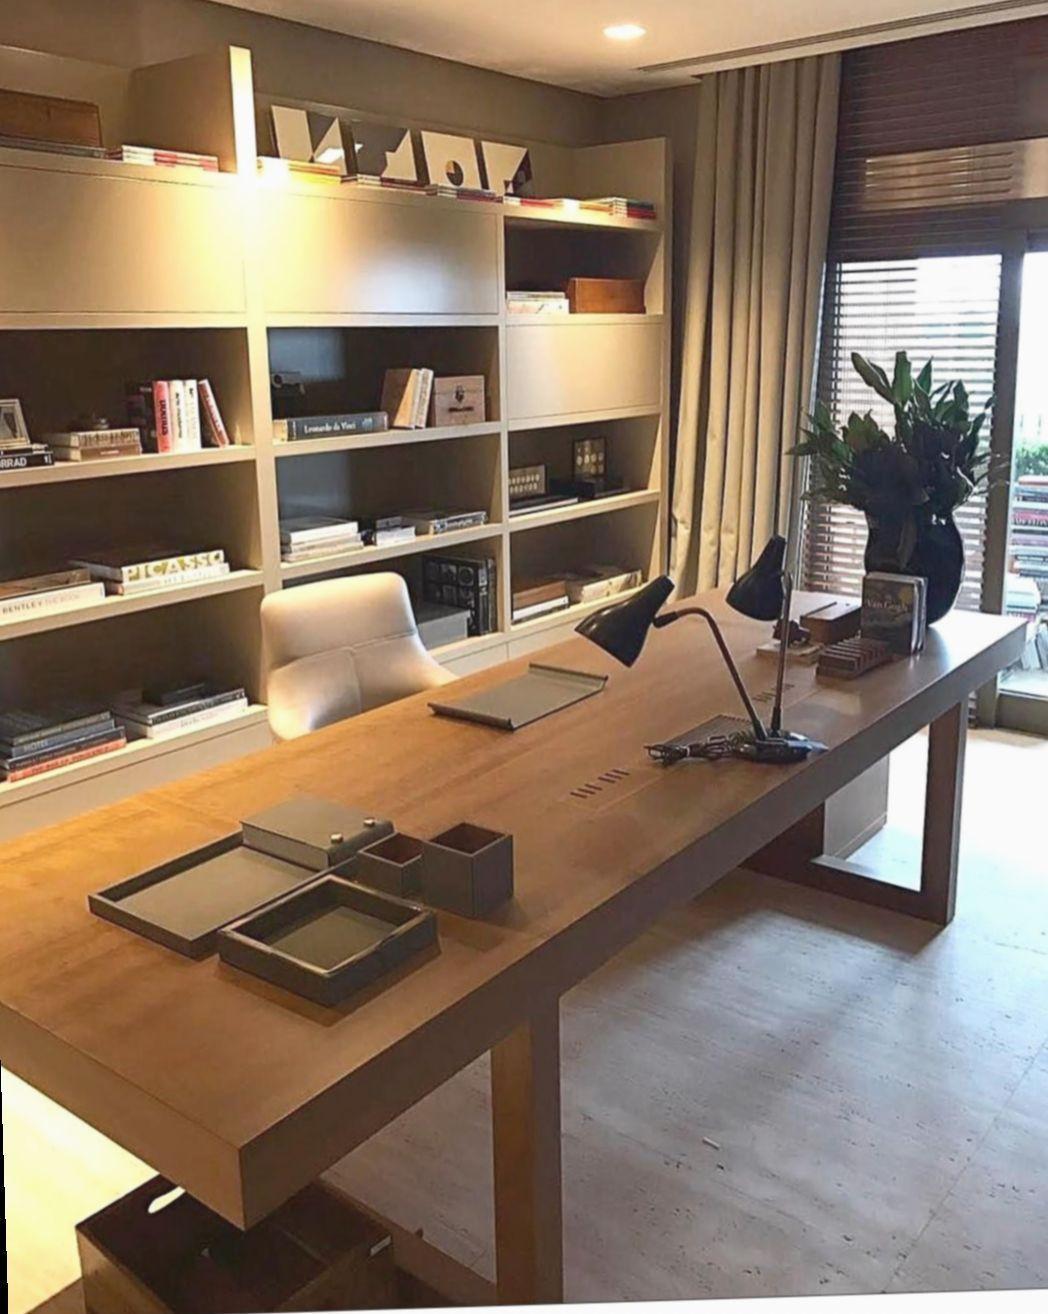 ✓ Office Desk Workspaces Professional #productivespaces